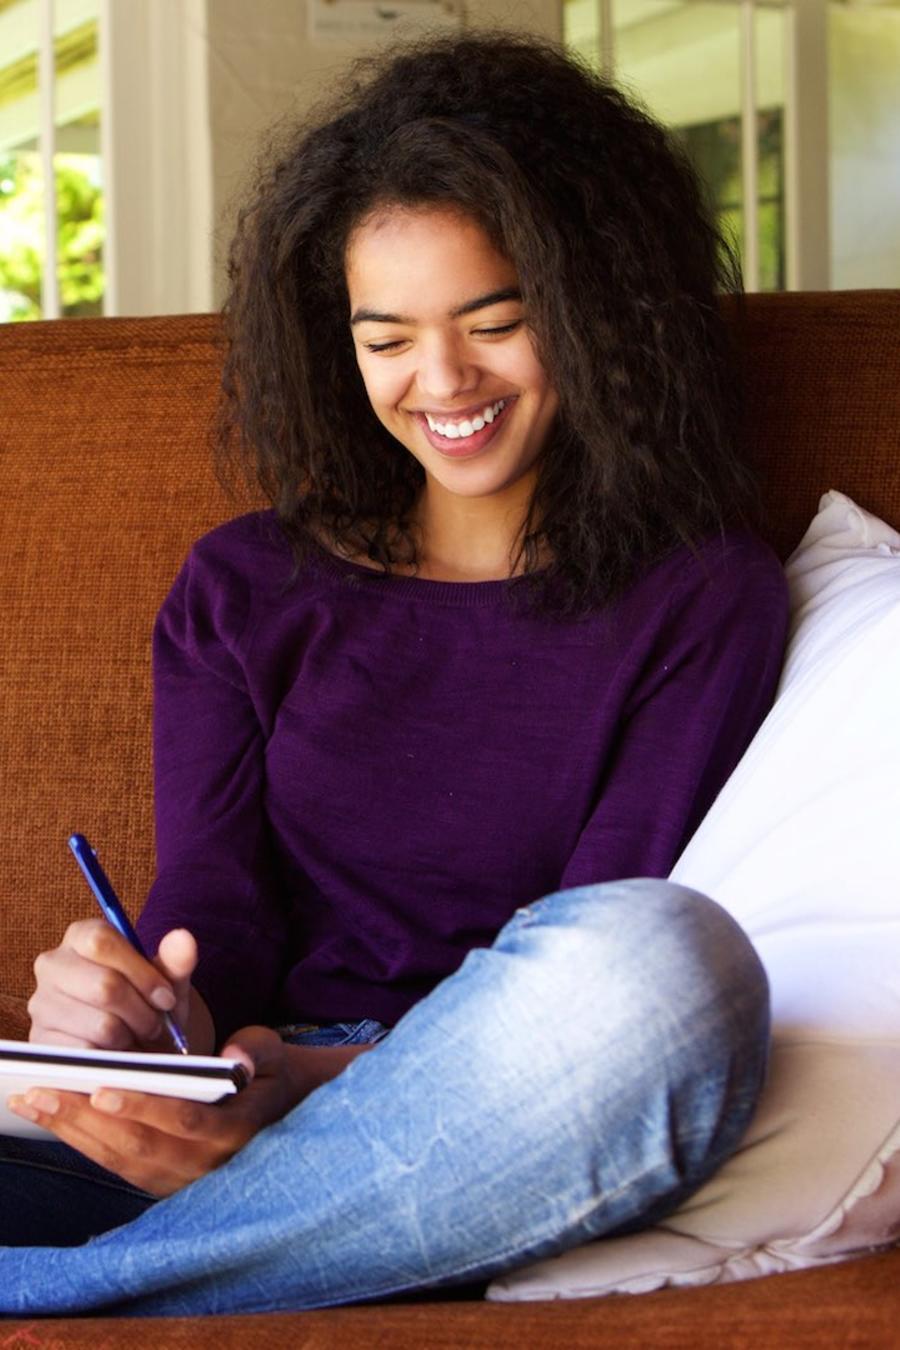 Chica joven escribiendo en su diario